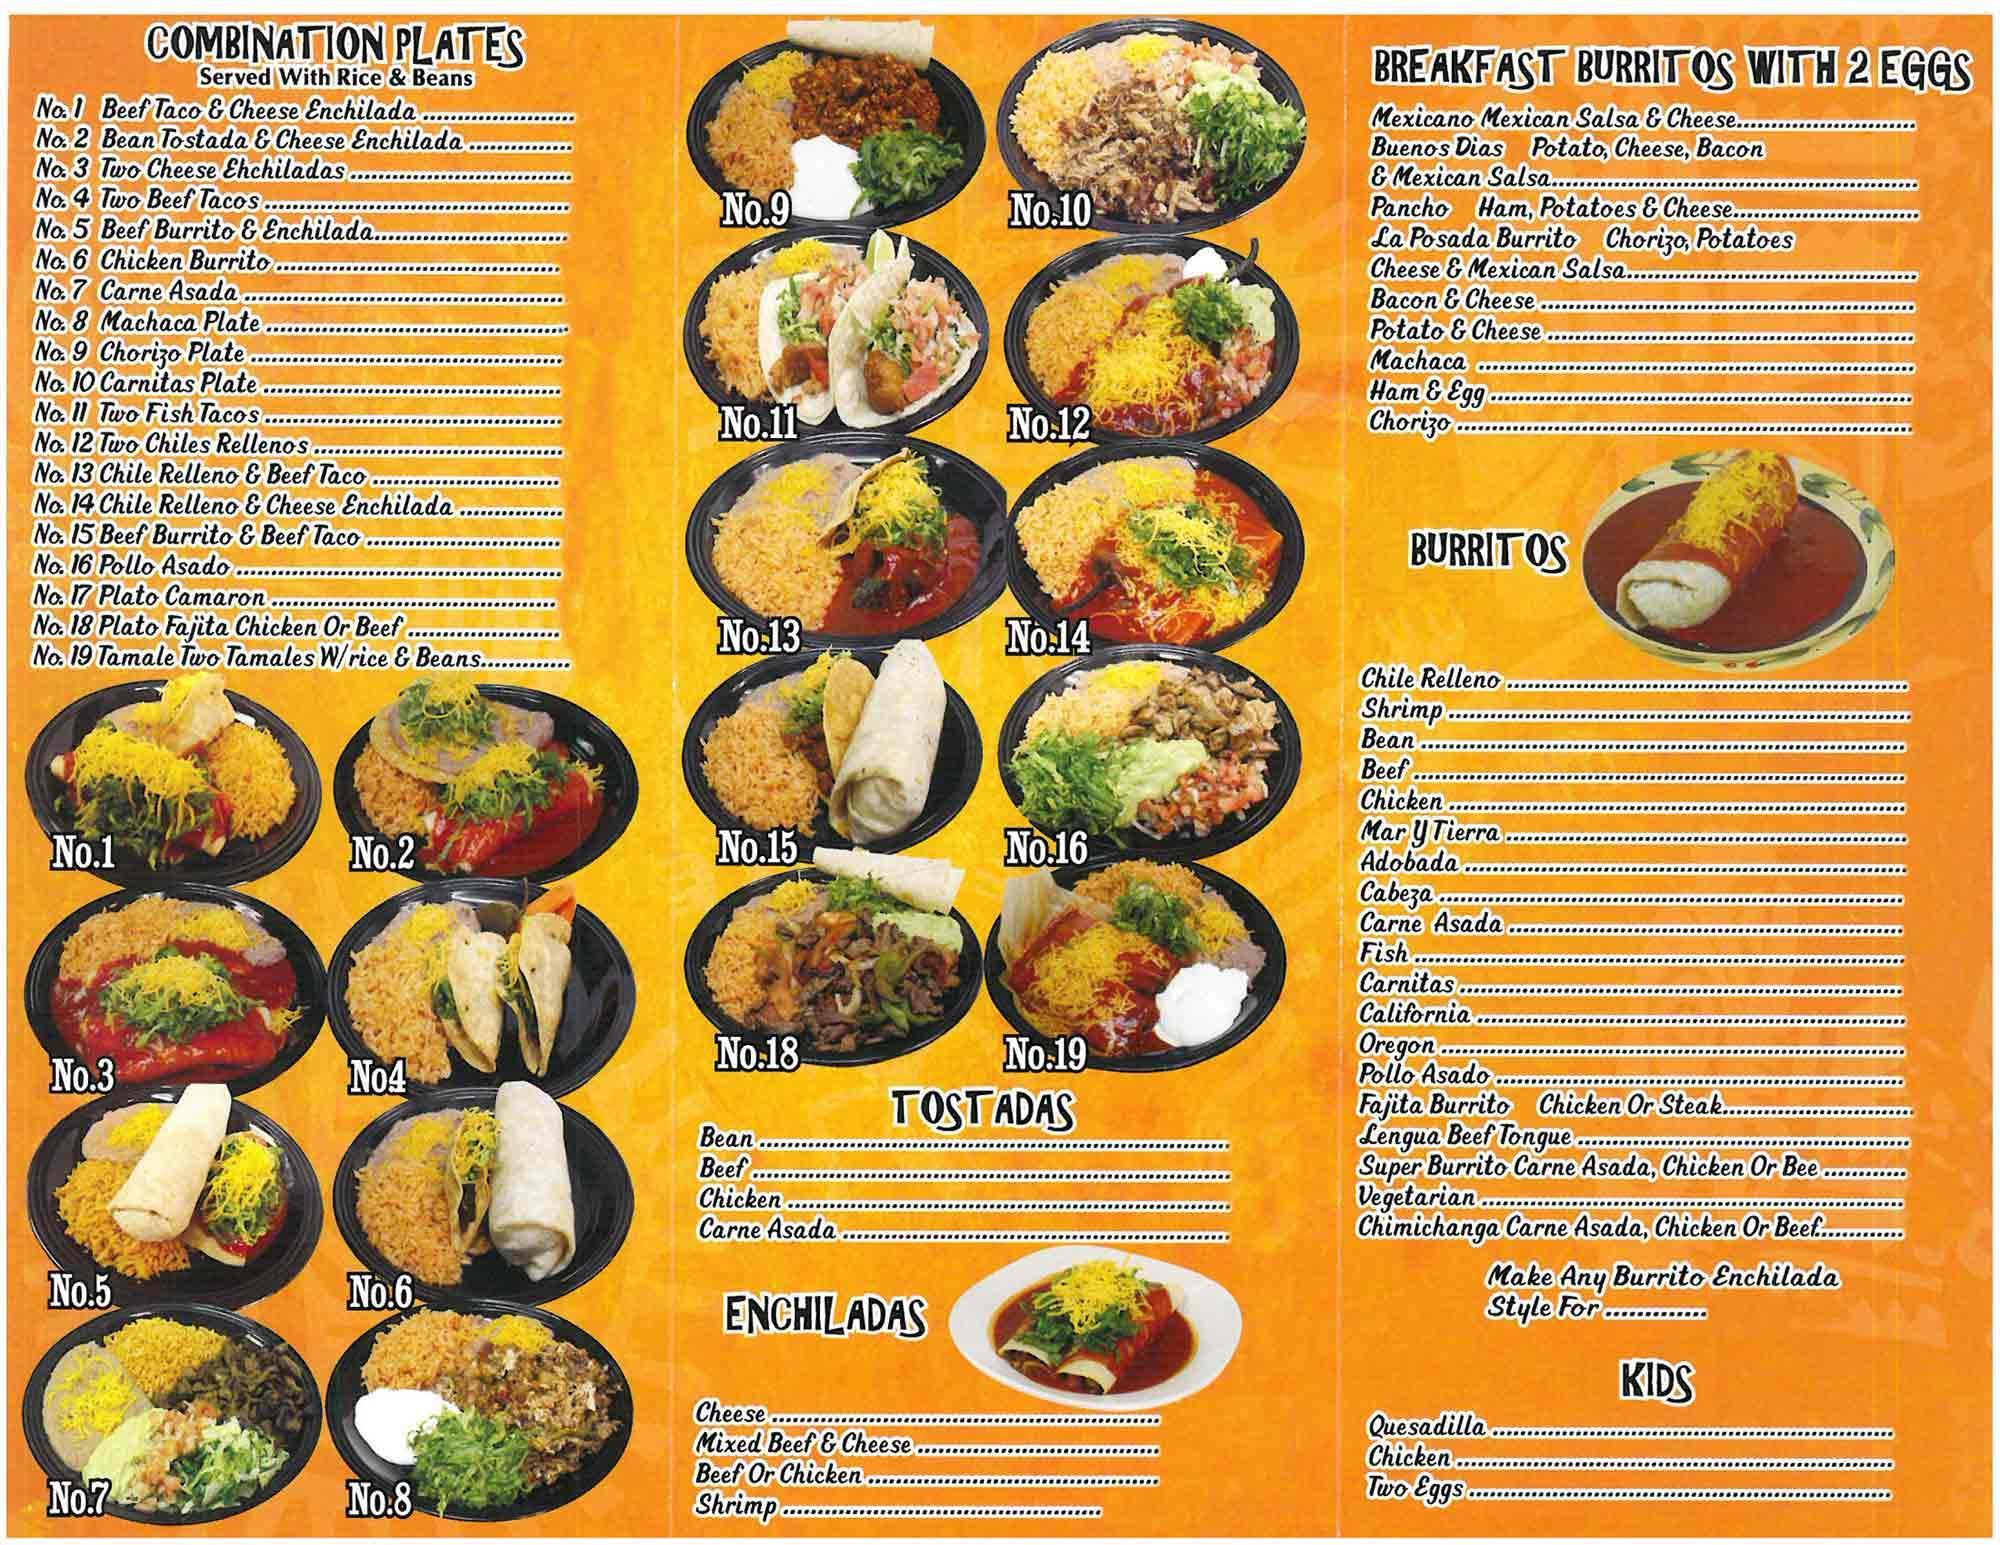 La Posada Mexican Grill image 9